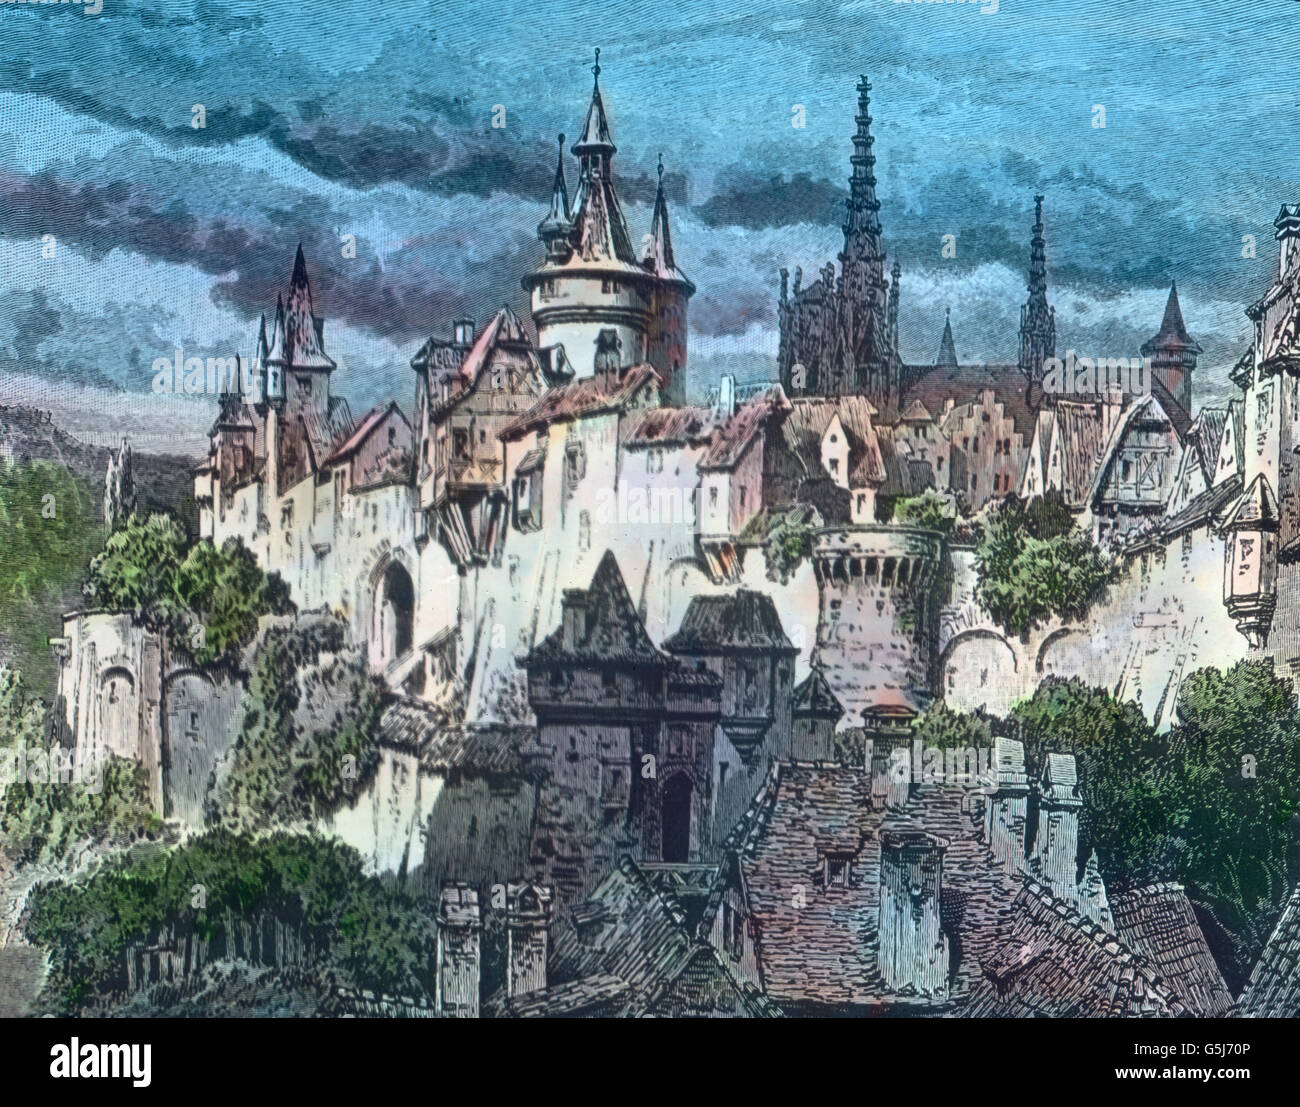 Abbildung Einer Deutschen Stadt Im 15. Halbmonatsschrift. Abbildung einer deutschen Stadt im 15. Jahrhundert. Stockbild